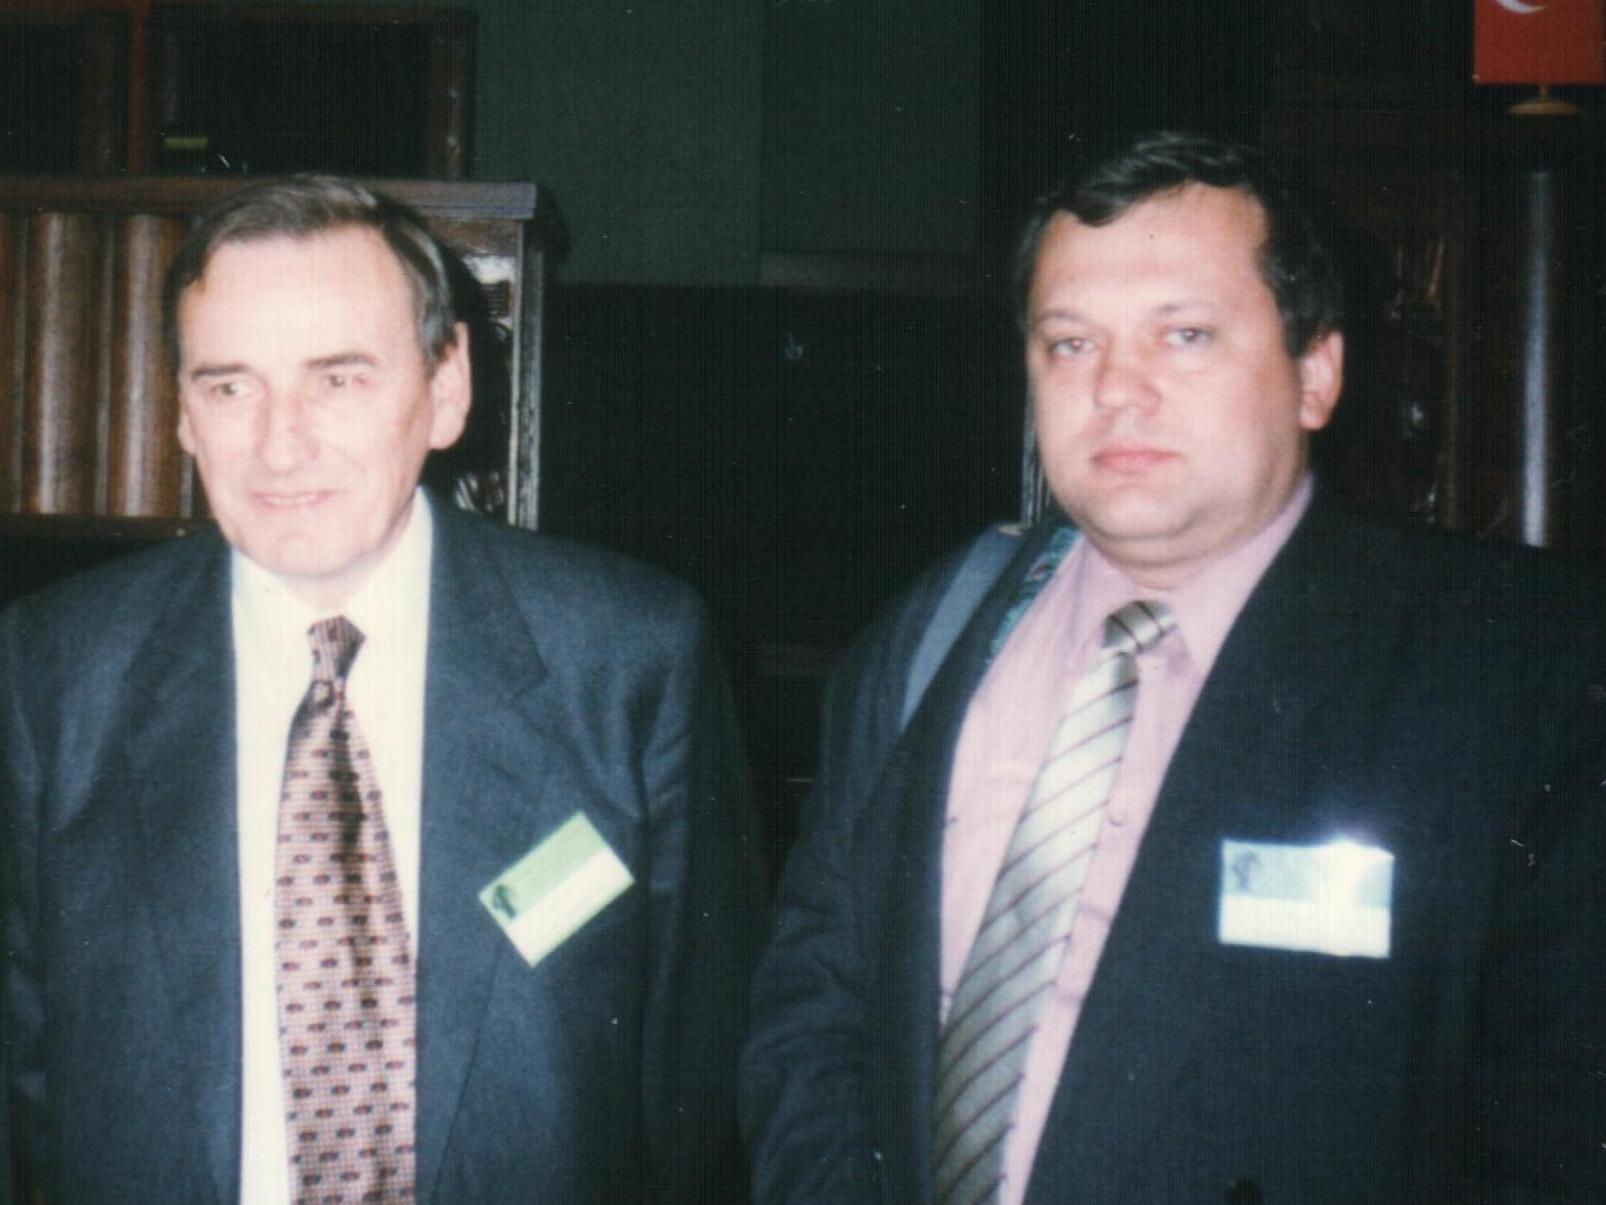 Збигнев Ромашевский и Валерий Левоневский, фотография из архива